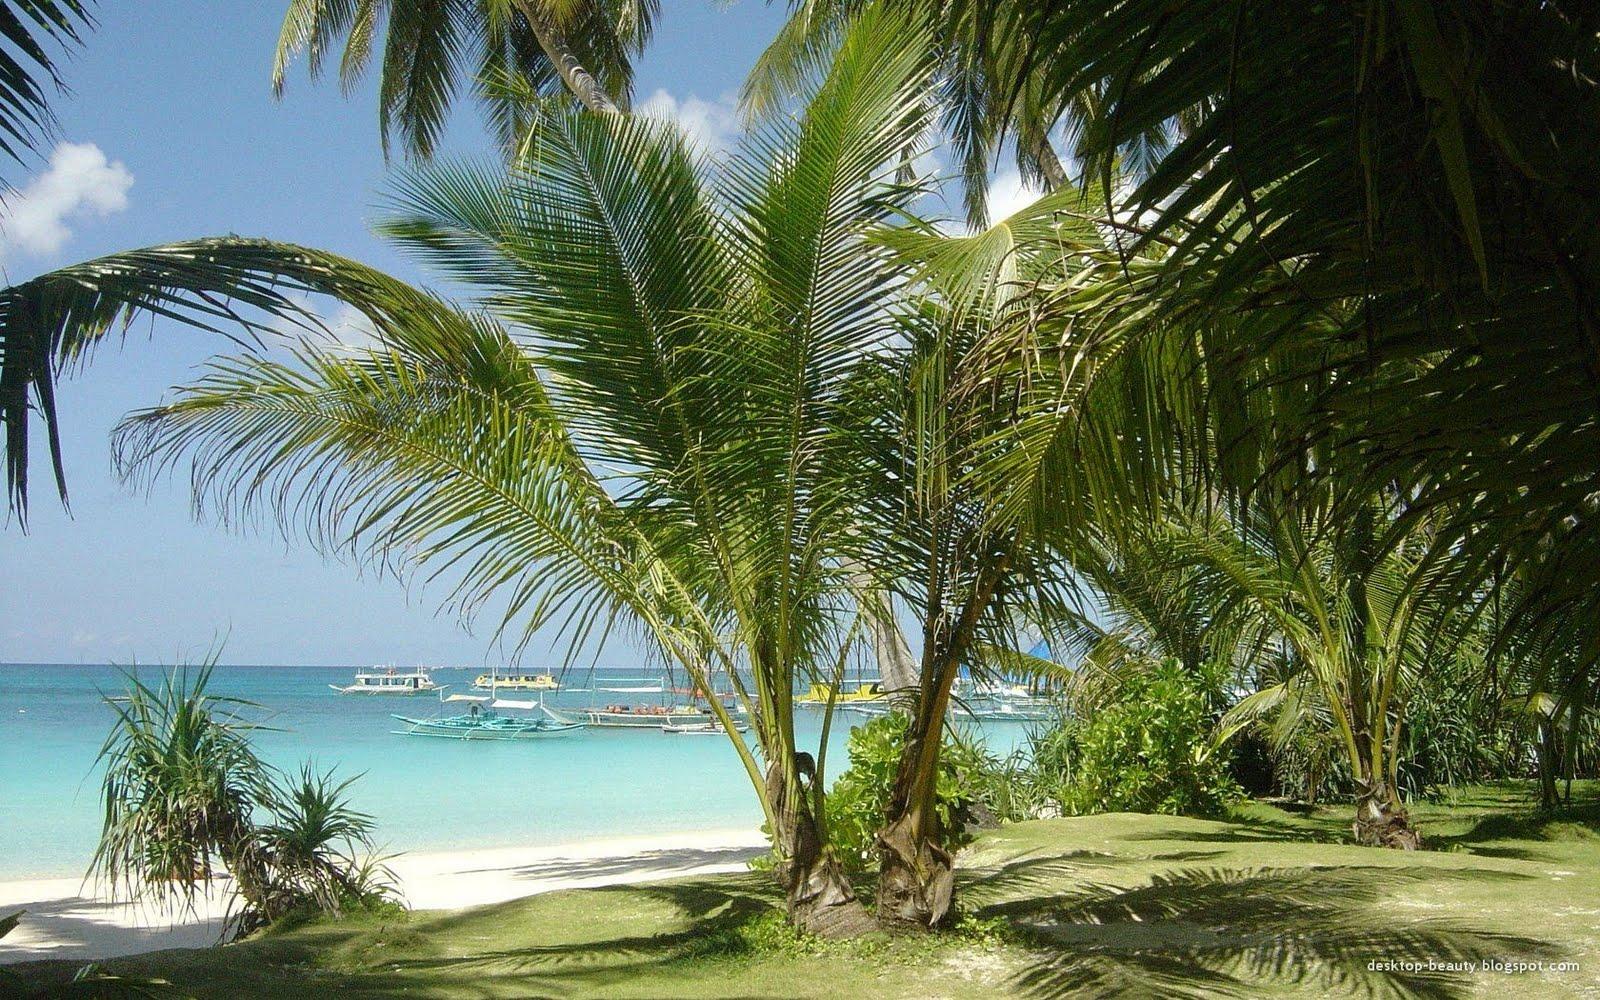 http://4.bp.blogspot.com/_3f95iVVUx6I/StH4teN7_rI/AAAAAAAANlw/Hvy1MmZD10g/s1600/boracay_white_beach2.jpg